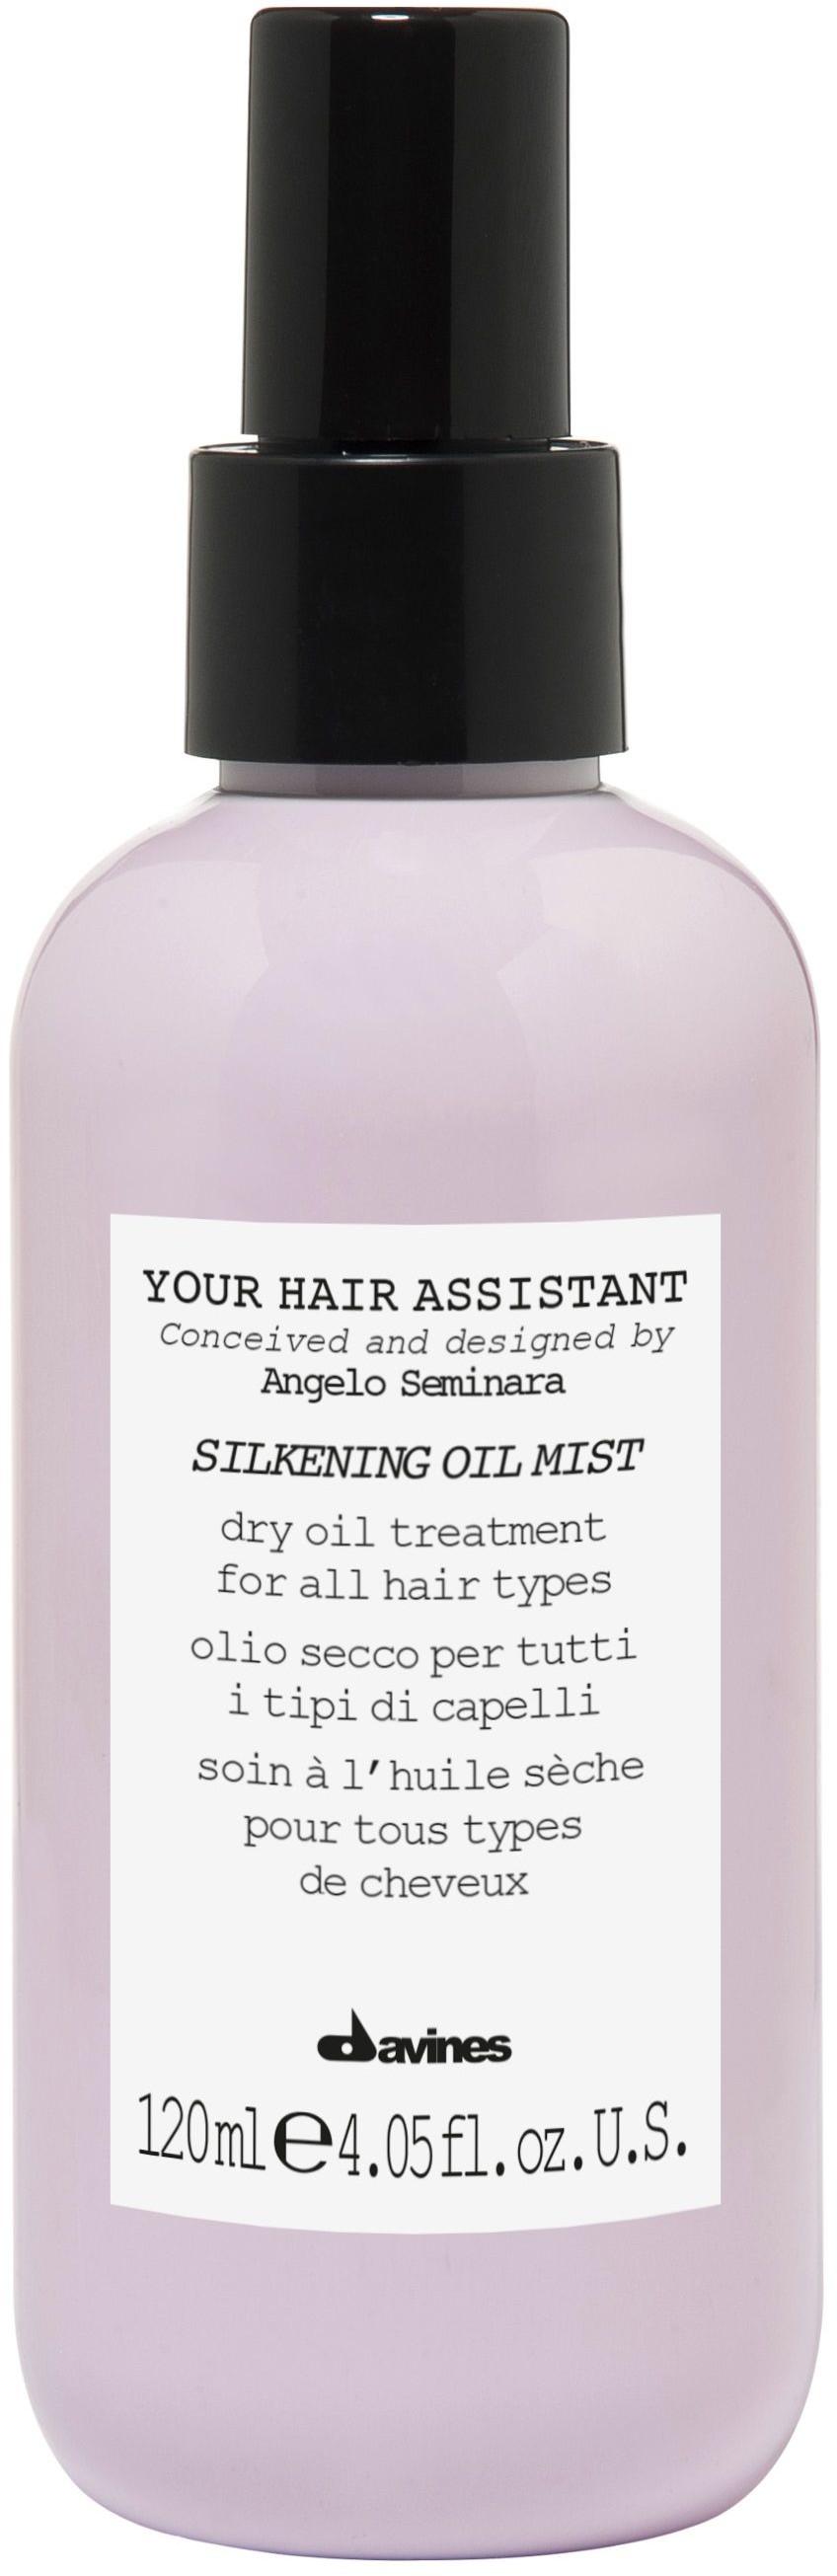 Davines Your Hair Assistant SILKENING OIL MIST - suchy olejek do wykańczania fryzury 120ml